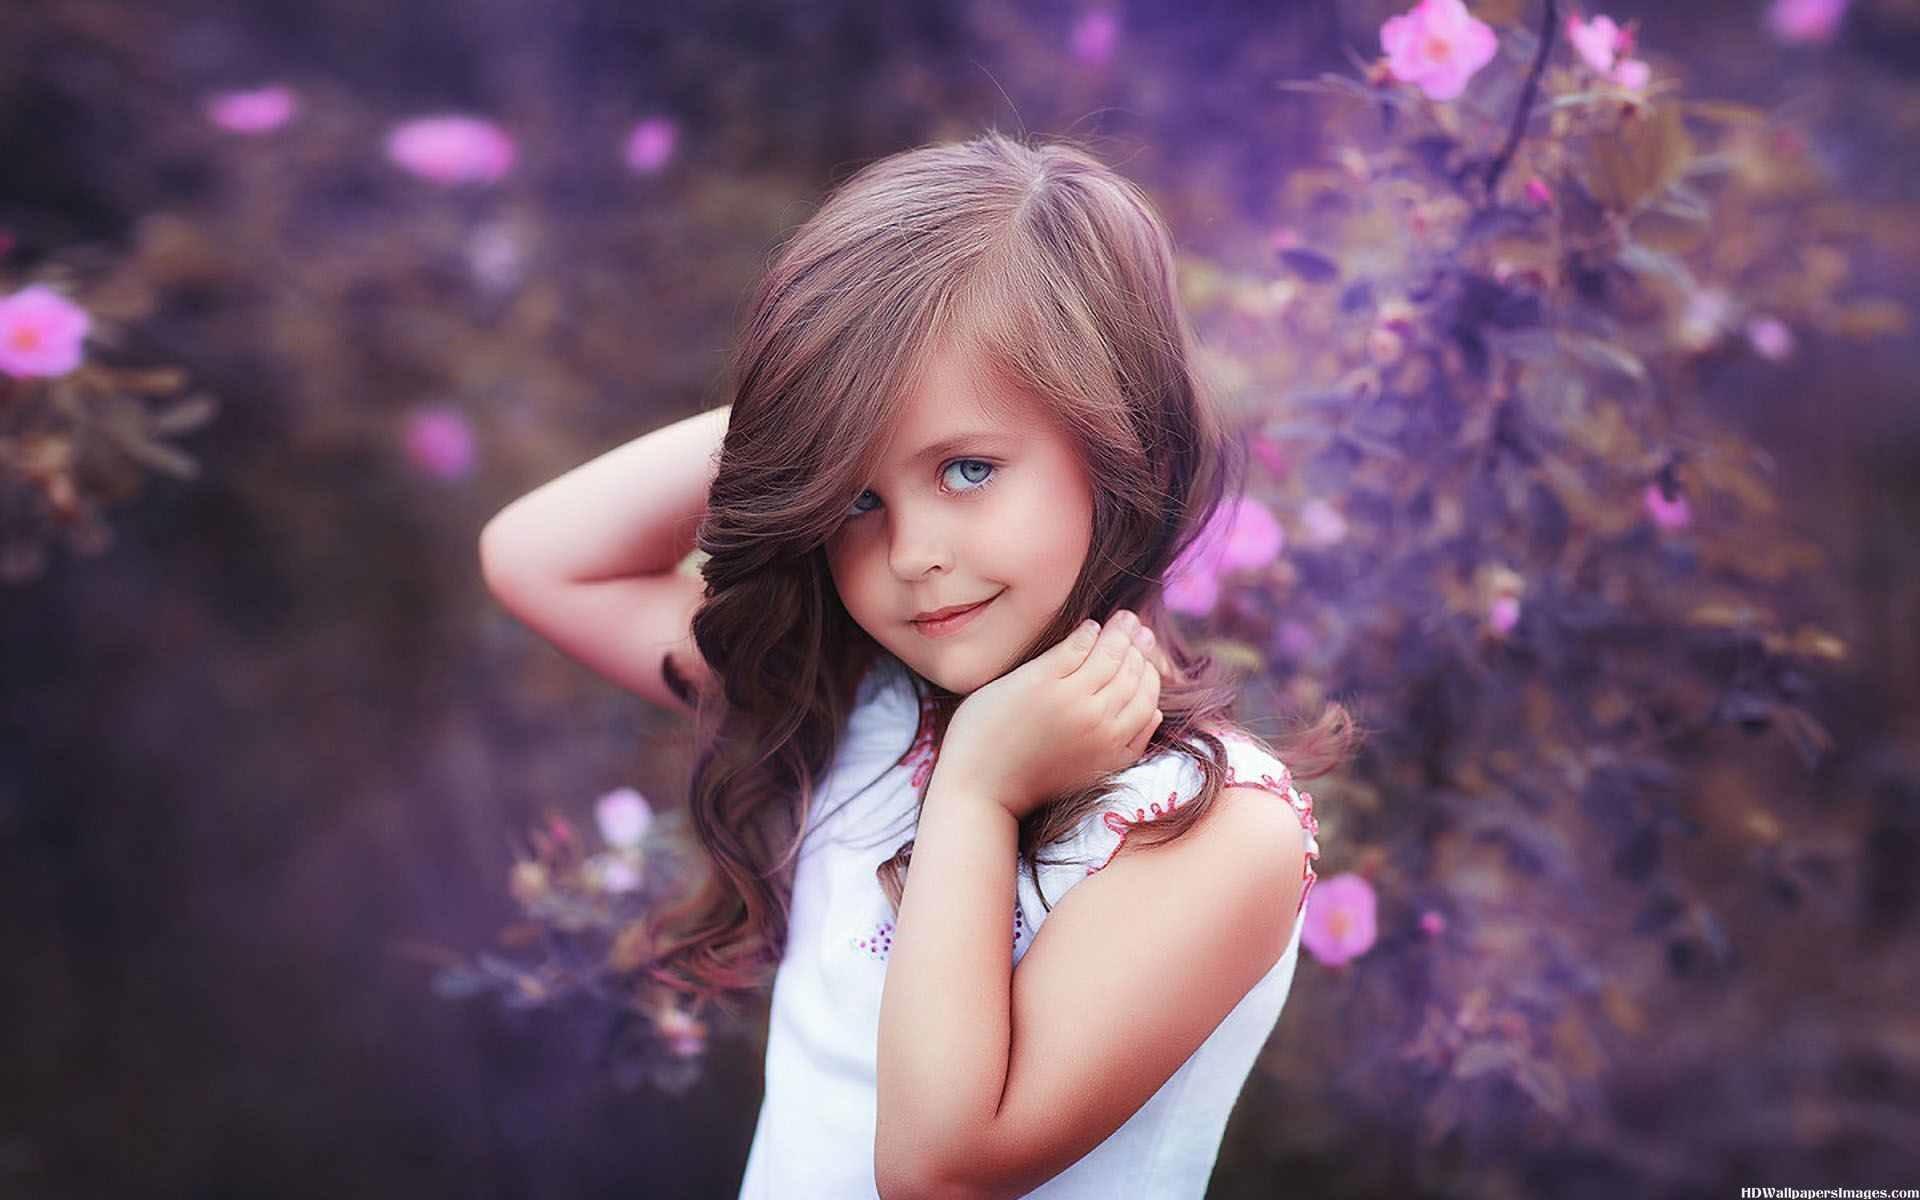 بالصور صور اجمل طفل , صور جذابة ومضحكة لاجمل طفل 3989 9